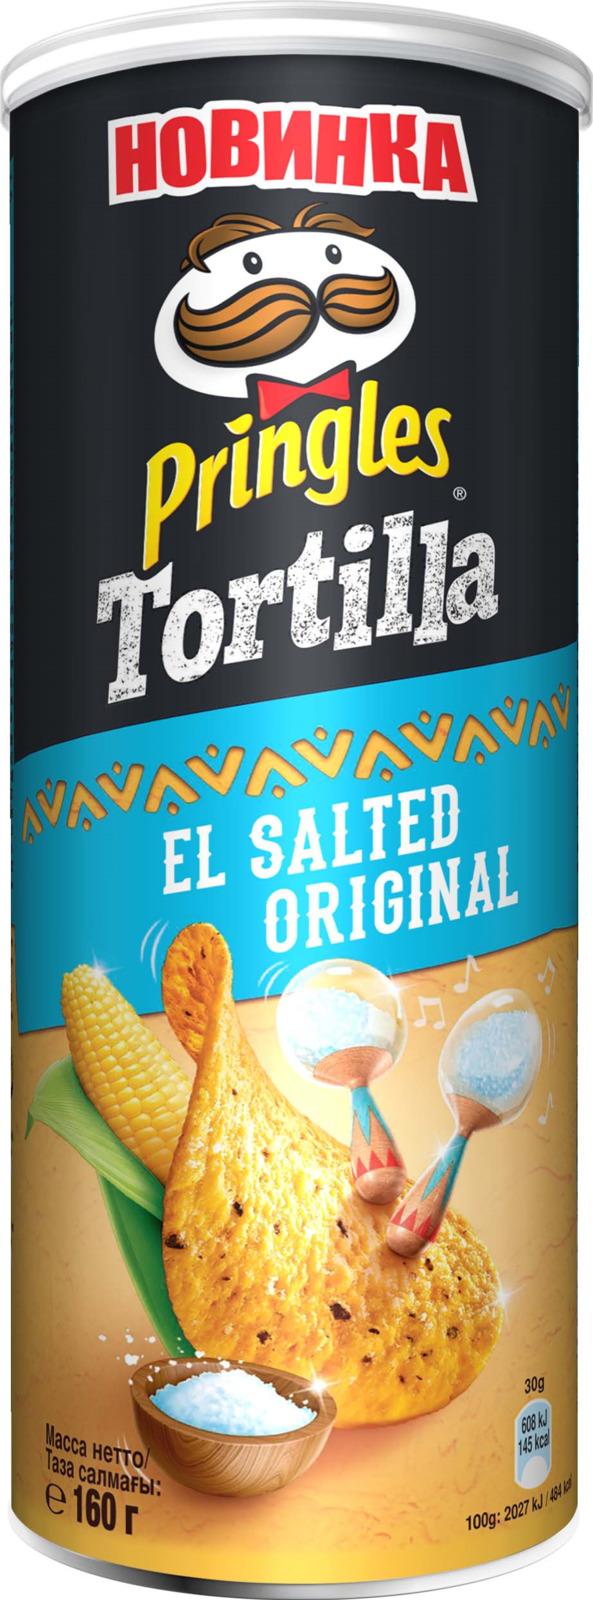 Чипсы Pringles Tortilla кукурузные с солью, 160 г чипсы salto томатный кукурузные 75 г соус 60 г